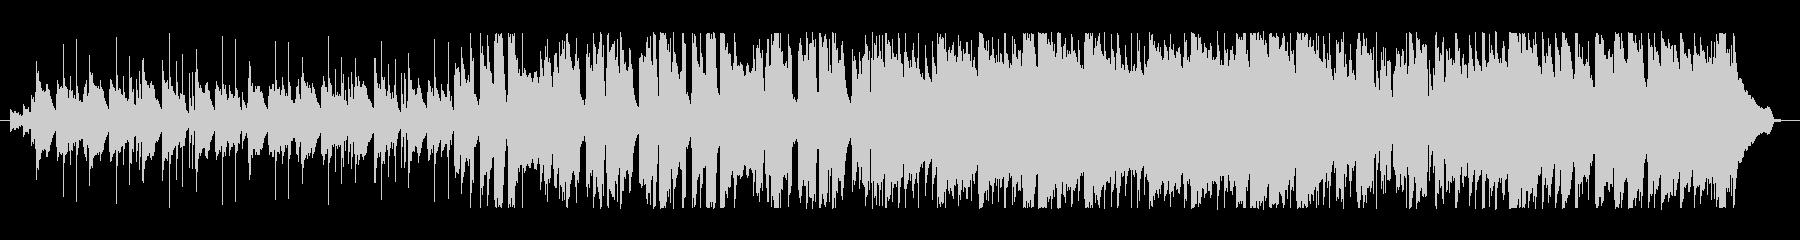 マリンバのリフが特徴的なポップスの未再生の波形